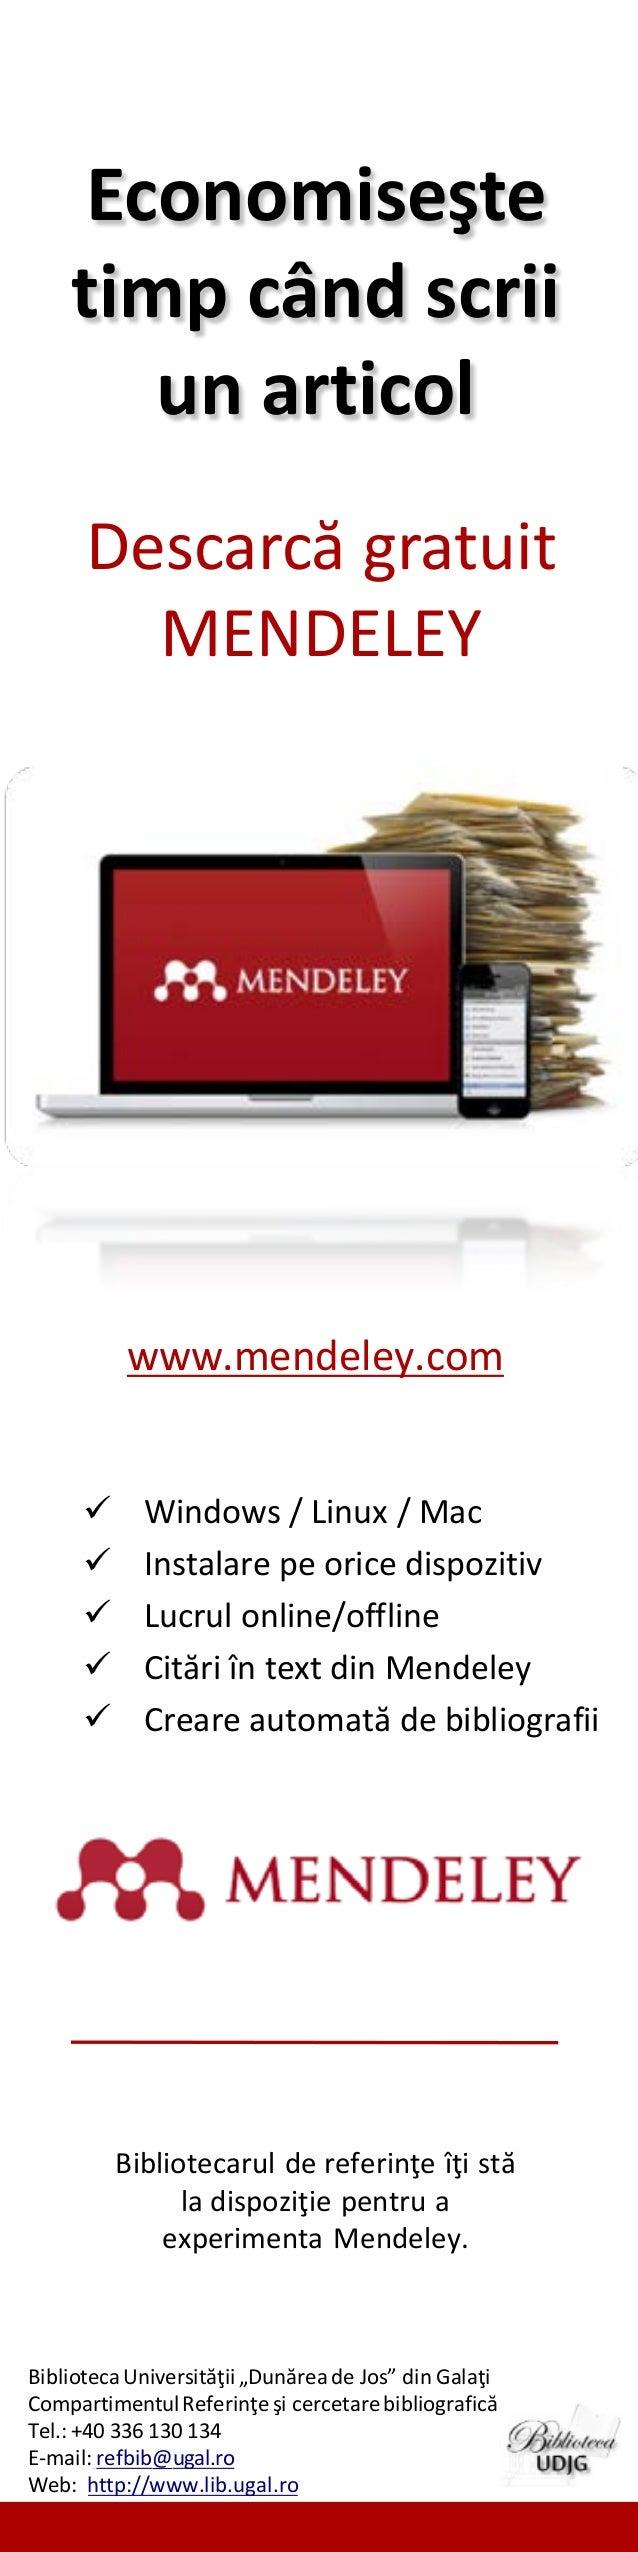 Economiseşte timp când scrii un articol Descarcă gratuit MENDELEY  www.mendeley.com       Windows / Linux / Mac Insta...